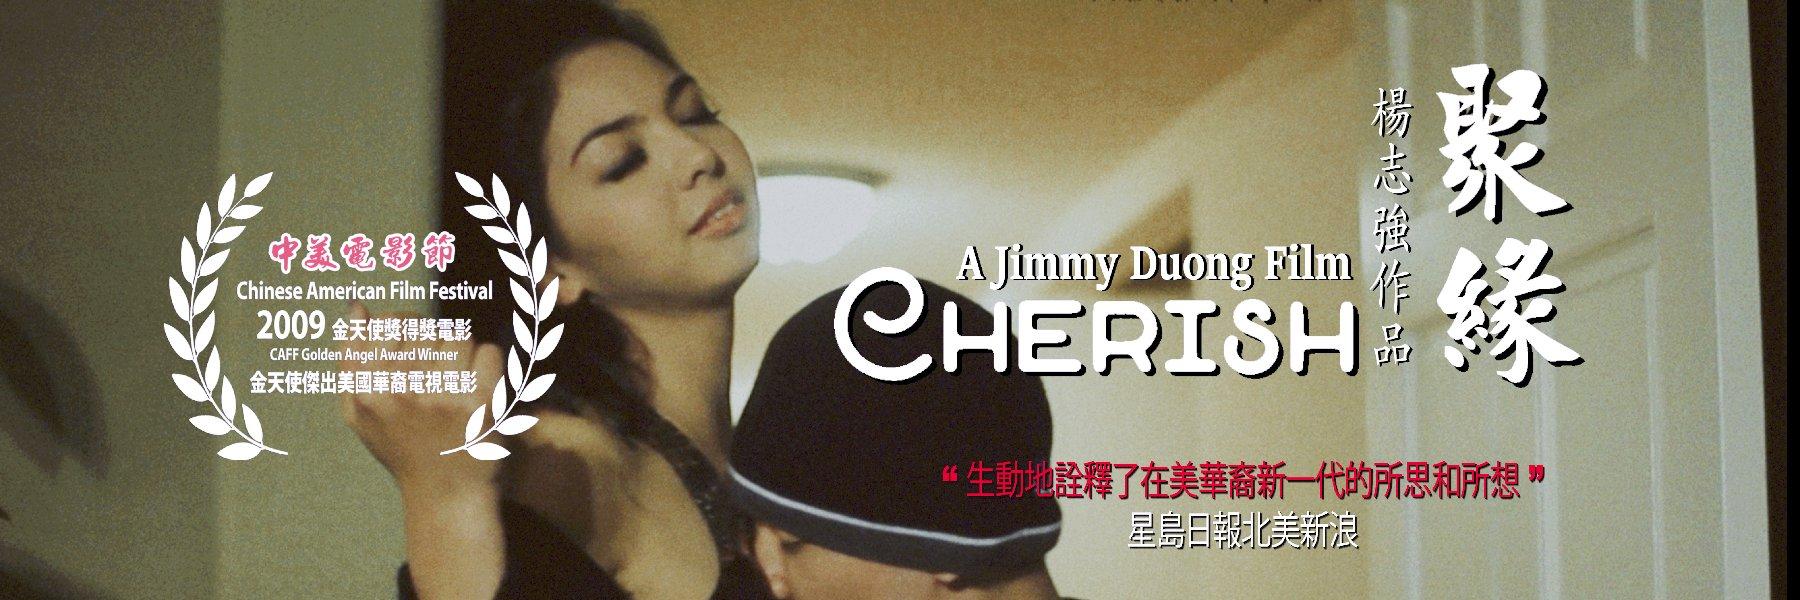 Cherish 緣聚 (2015)